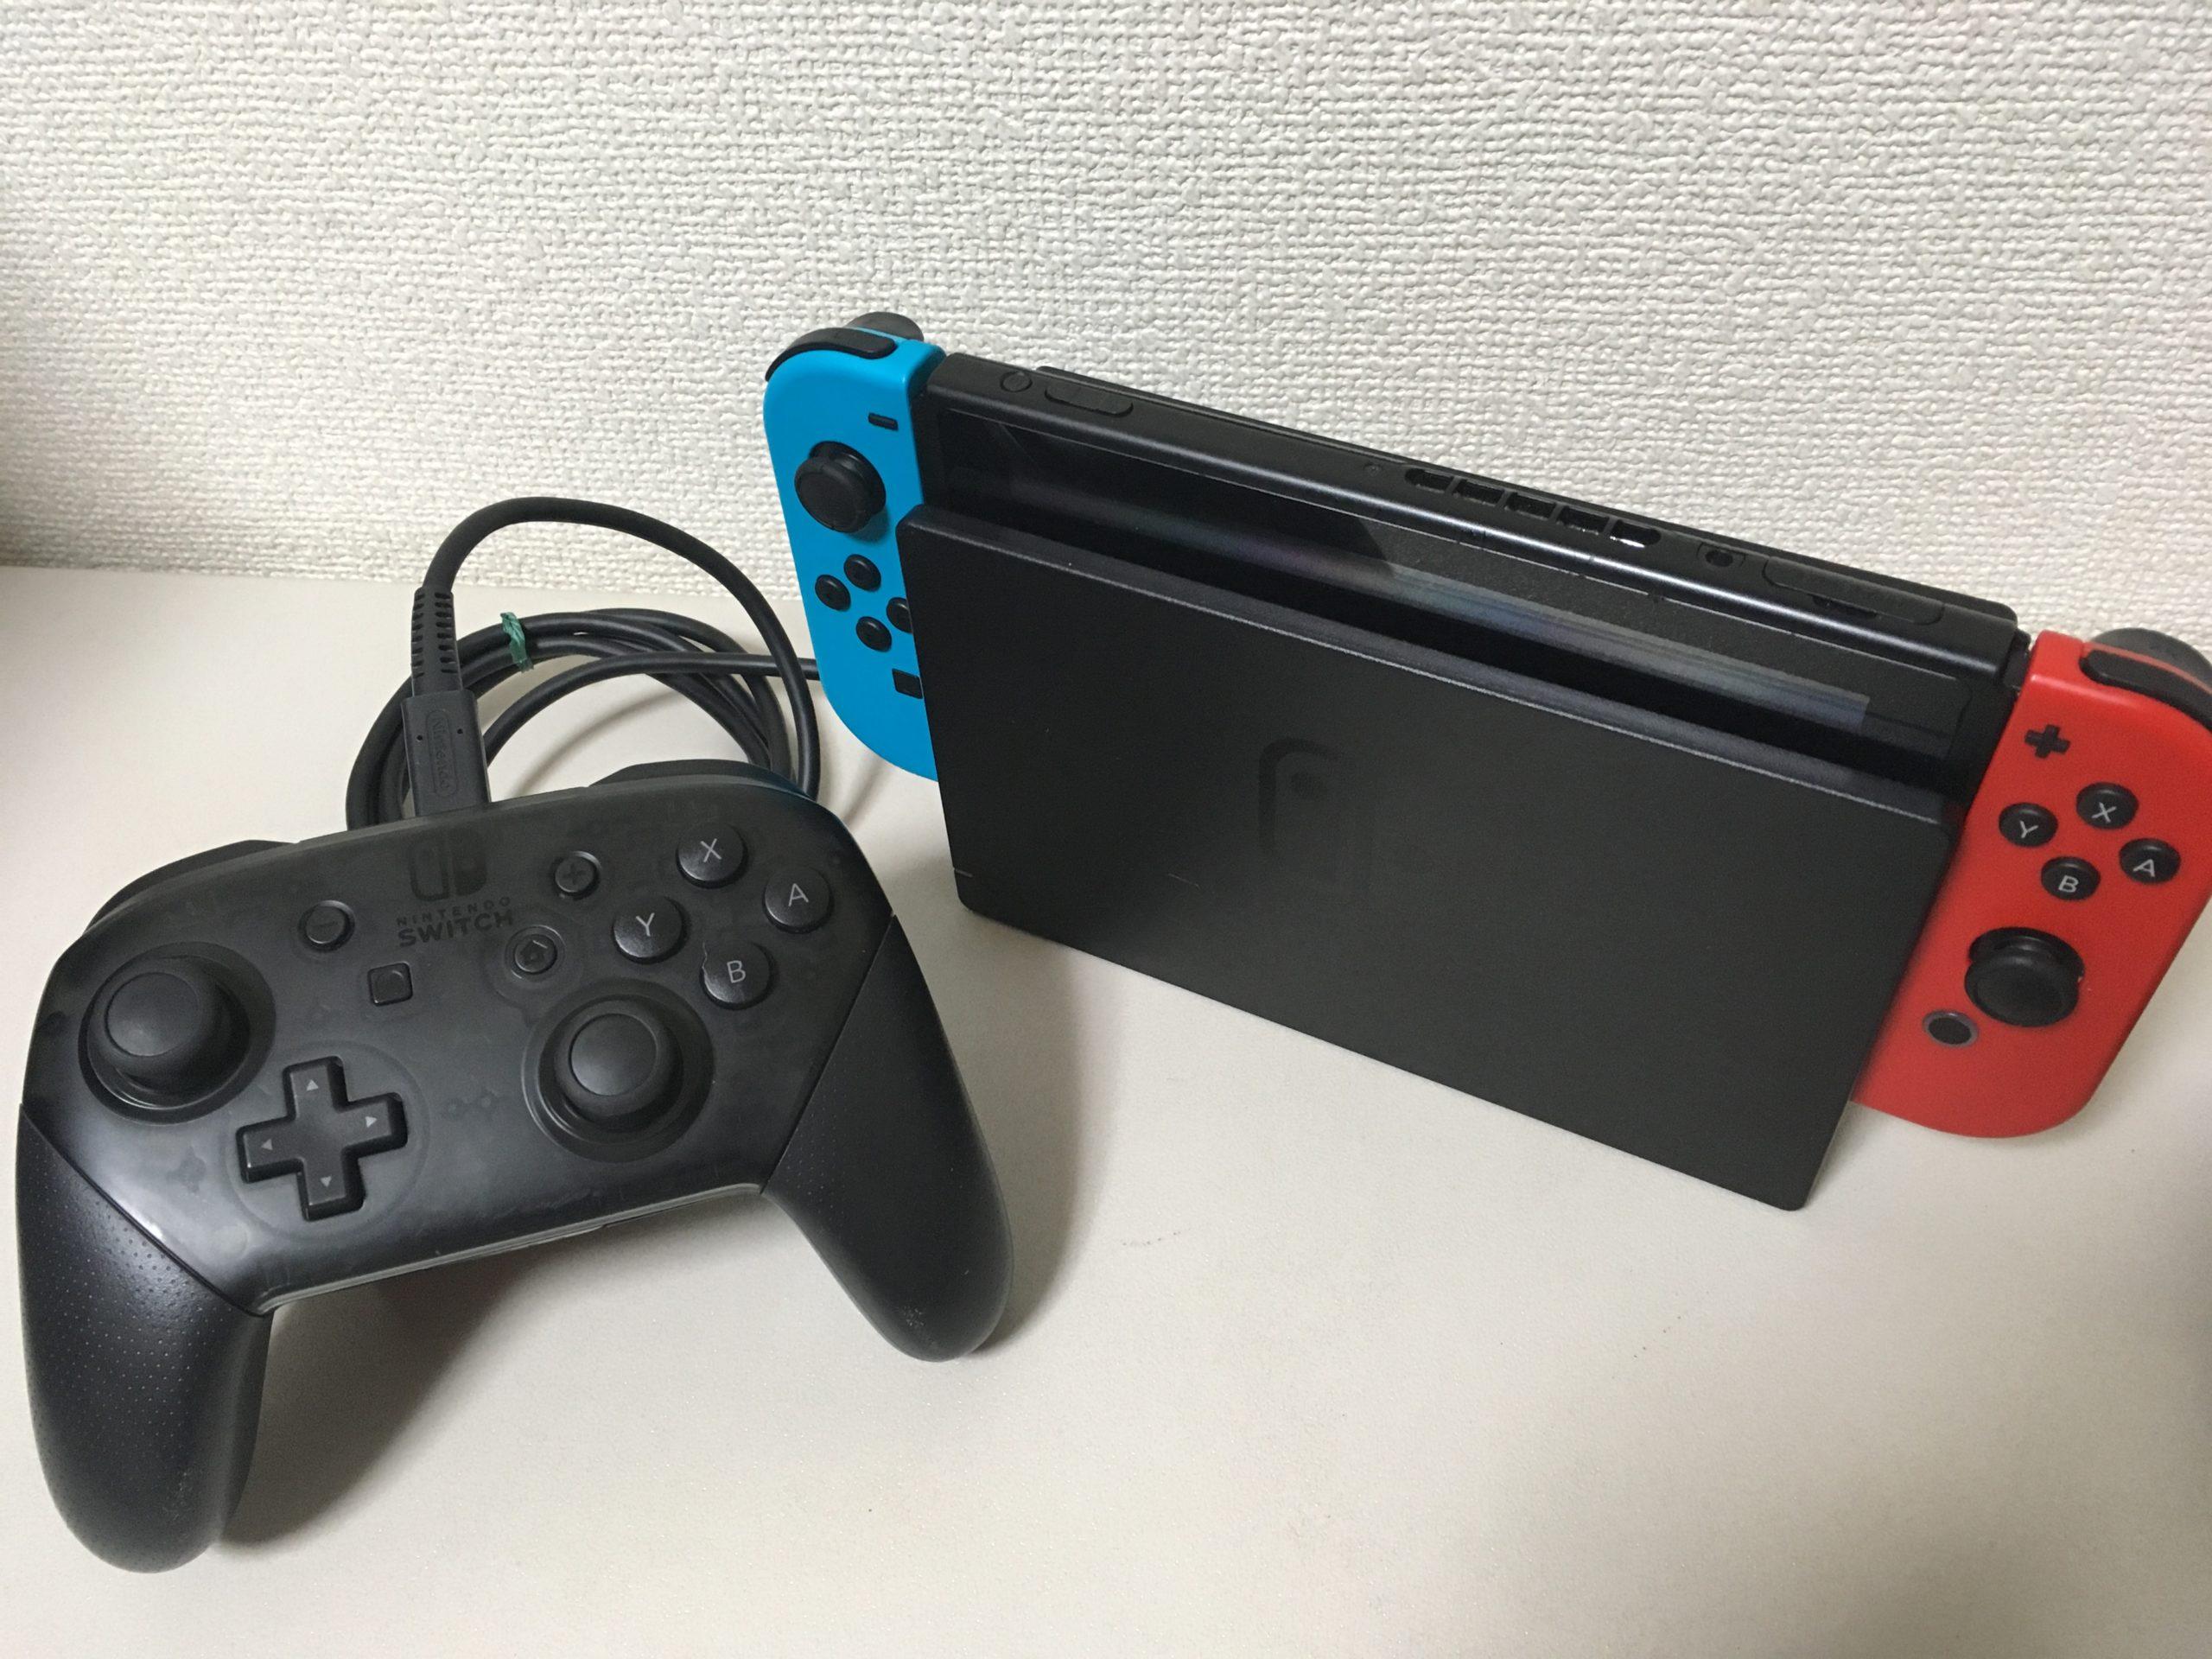 【即日発送】nintendo switch スイッチ 6台同時充電 ジョイコン プロコン 充電ドック. Switch スイッチ プロコンが充電されない場合の原因と対処法 れとろとろ ゲームブログ